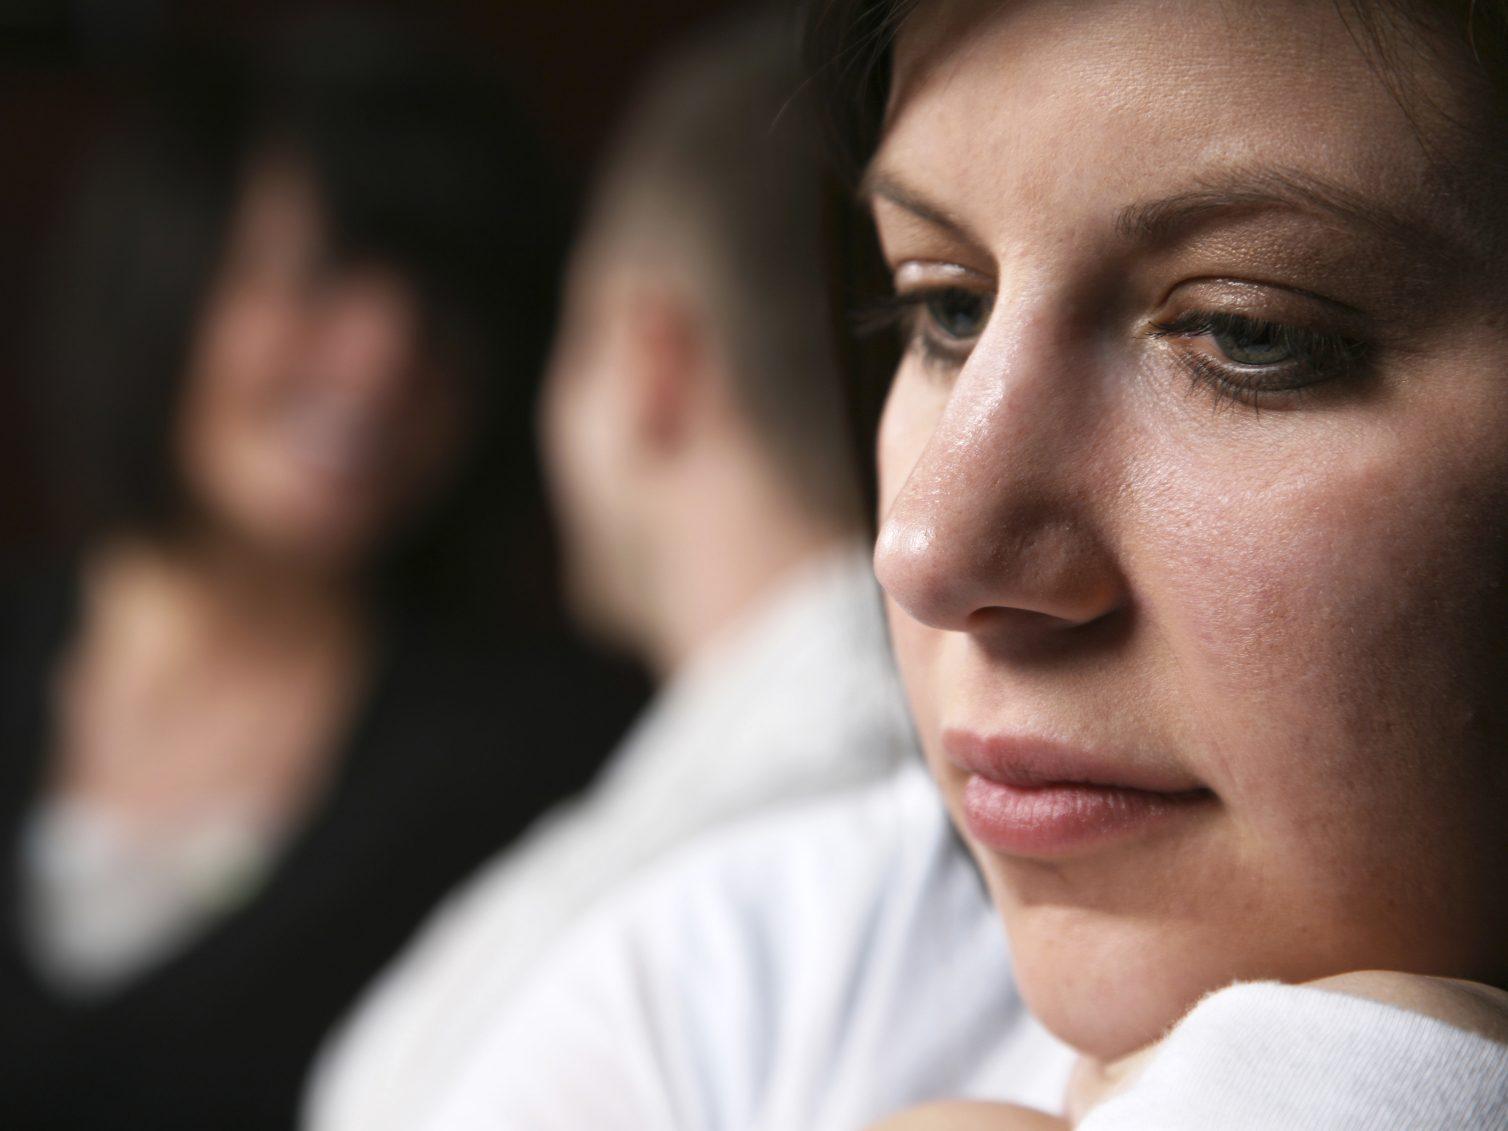 Ménage à trois: élever un enfant avec son ex-mari